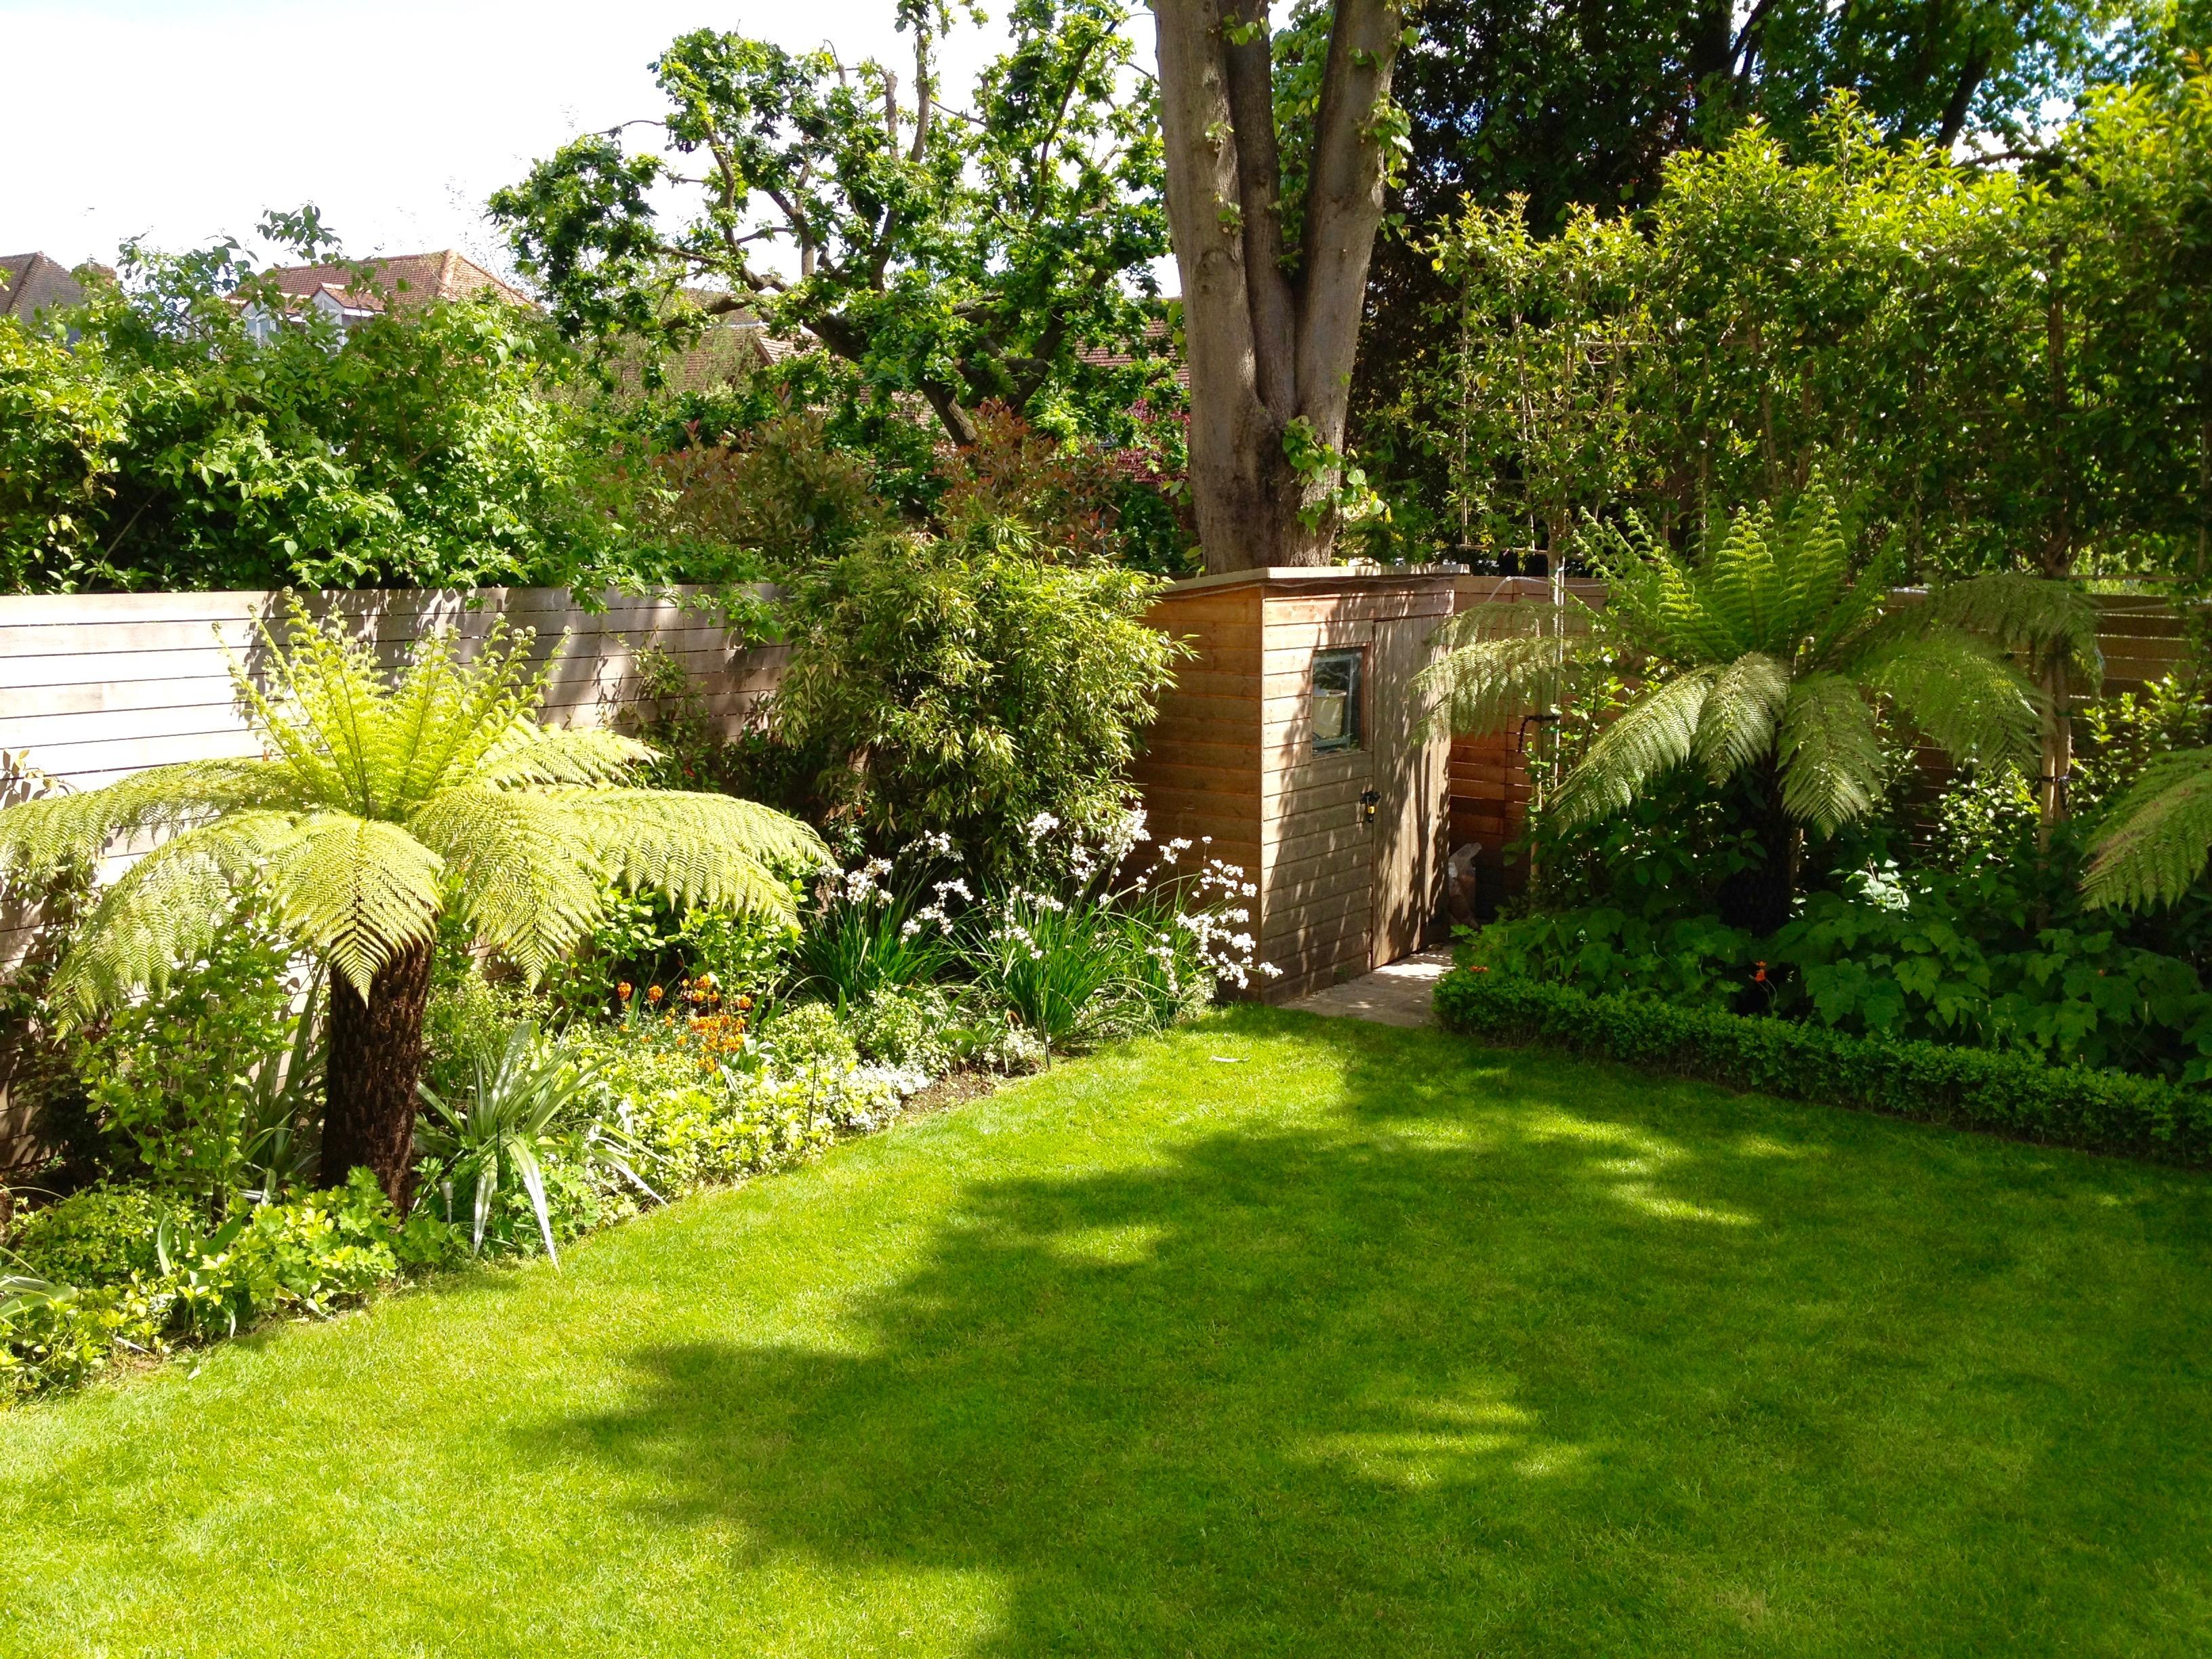 Dicksonia Garden